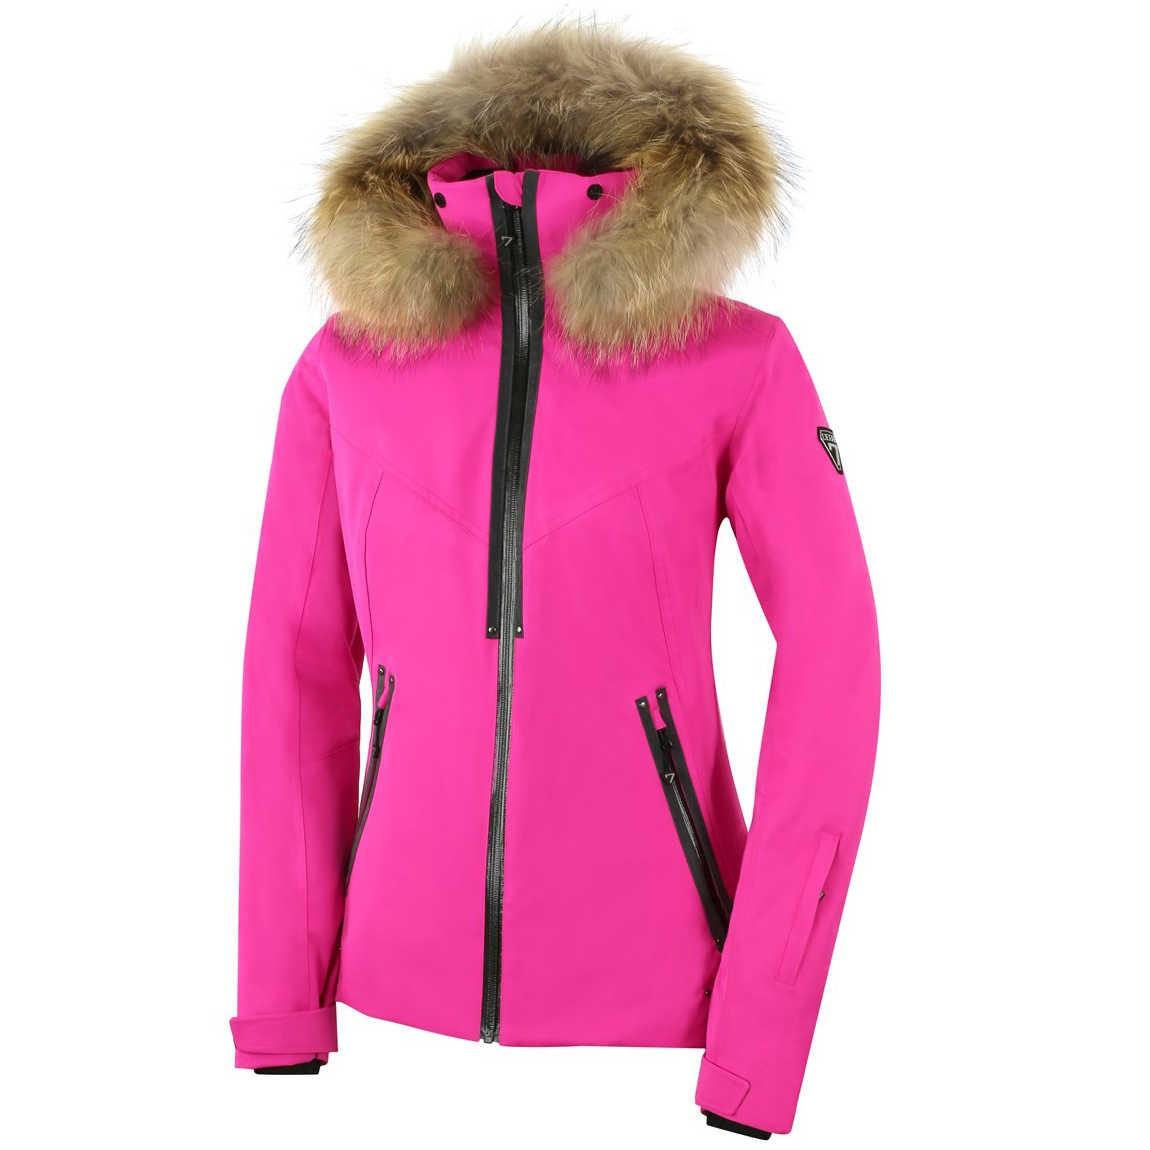 Capuche Idée Femme Ski Avec Veste Pour S'habiller Fourrure Sq4FaWwx